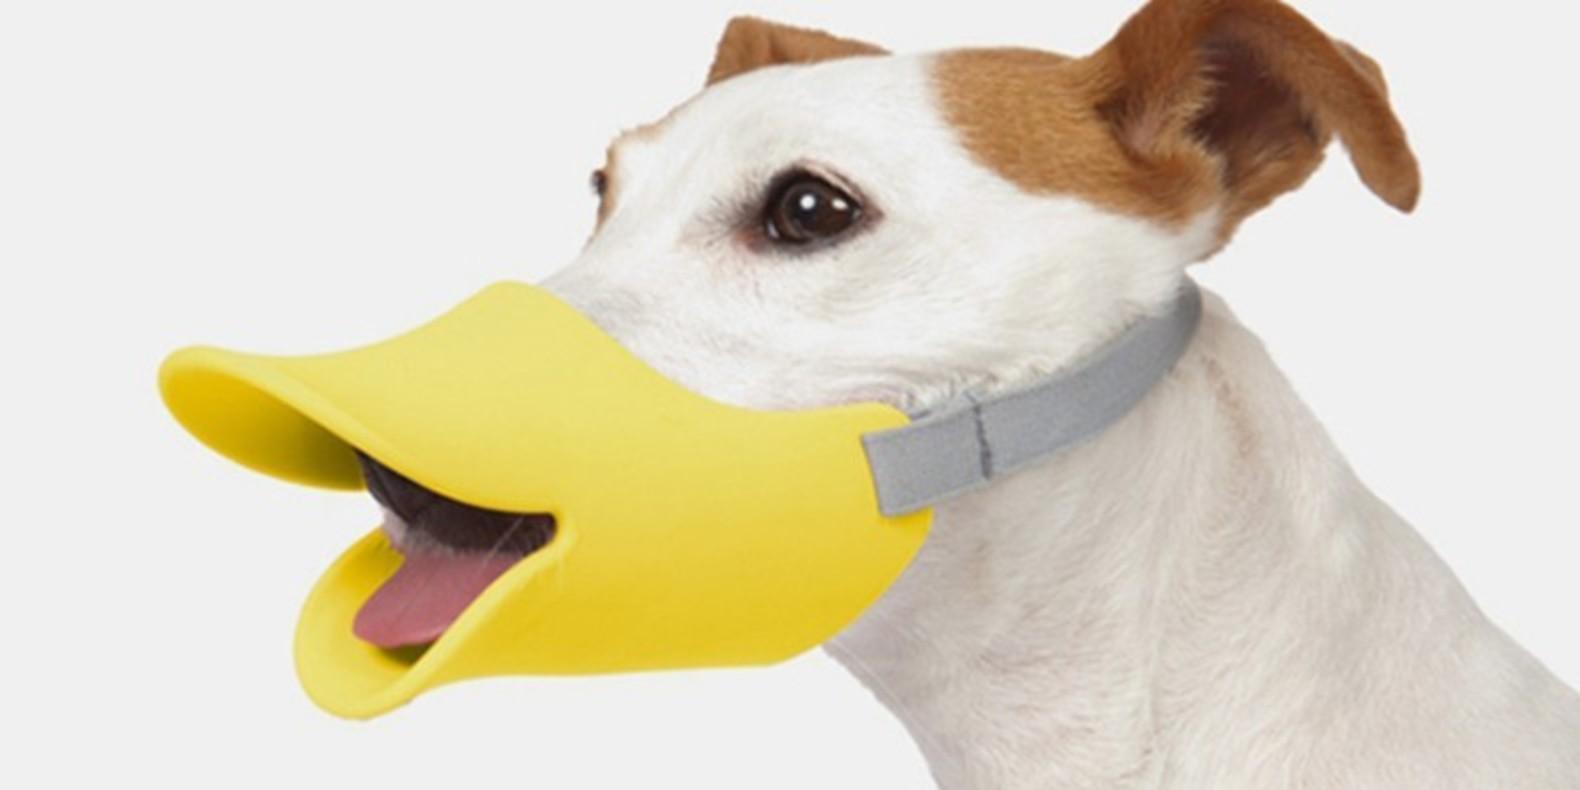 Encuentre aquí una selección de los mejores modelos 3D de mascotas para hacer con una impresora 3D